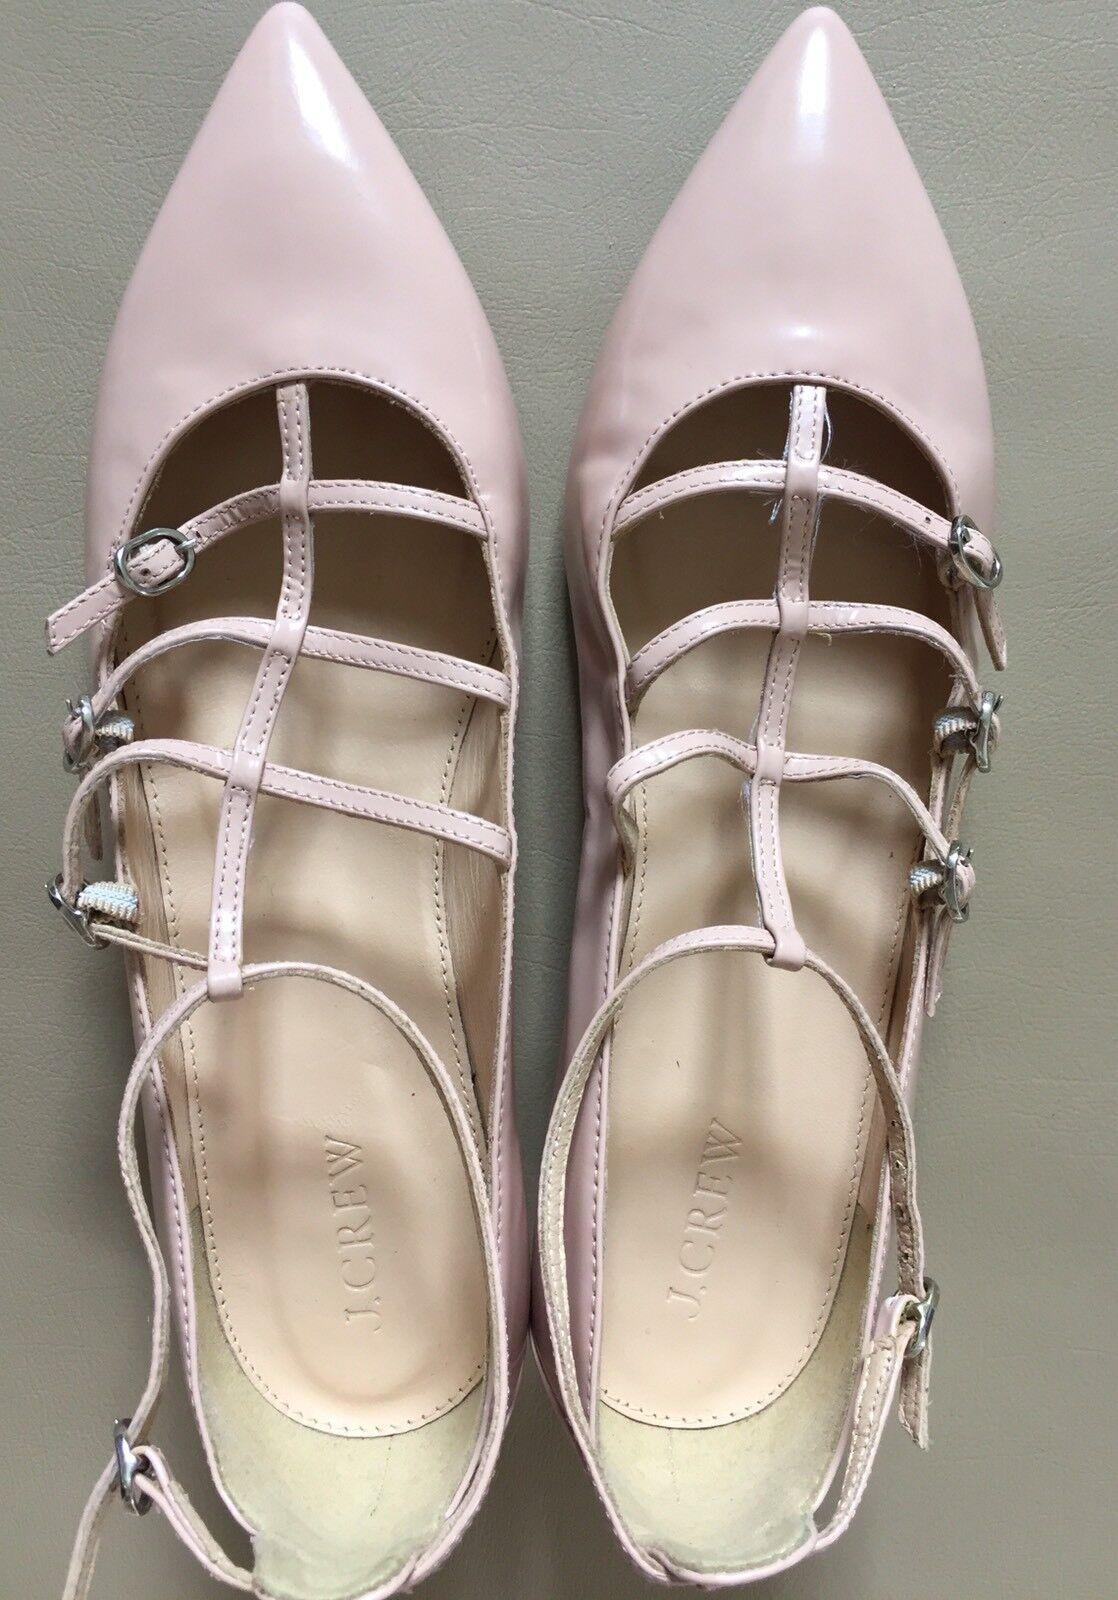 J Crew  168 con Jaula Pisos En En En Cuero Brillante 8.5 pálida Bloom Zapatos f5530 actual  centro comercial de moda